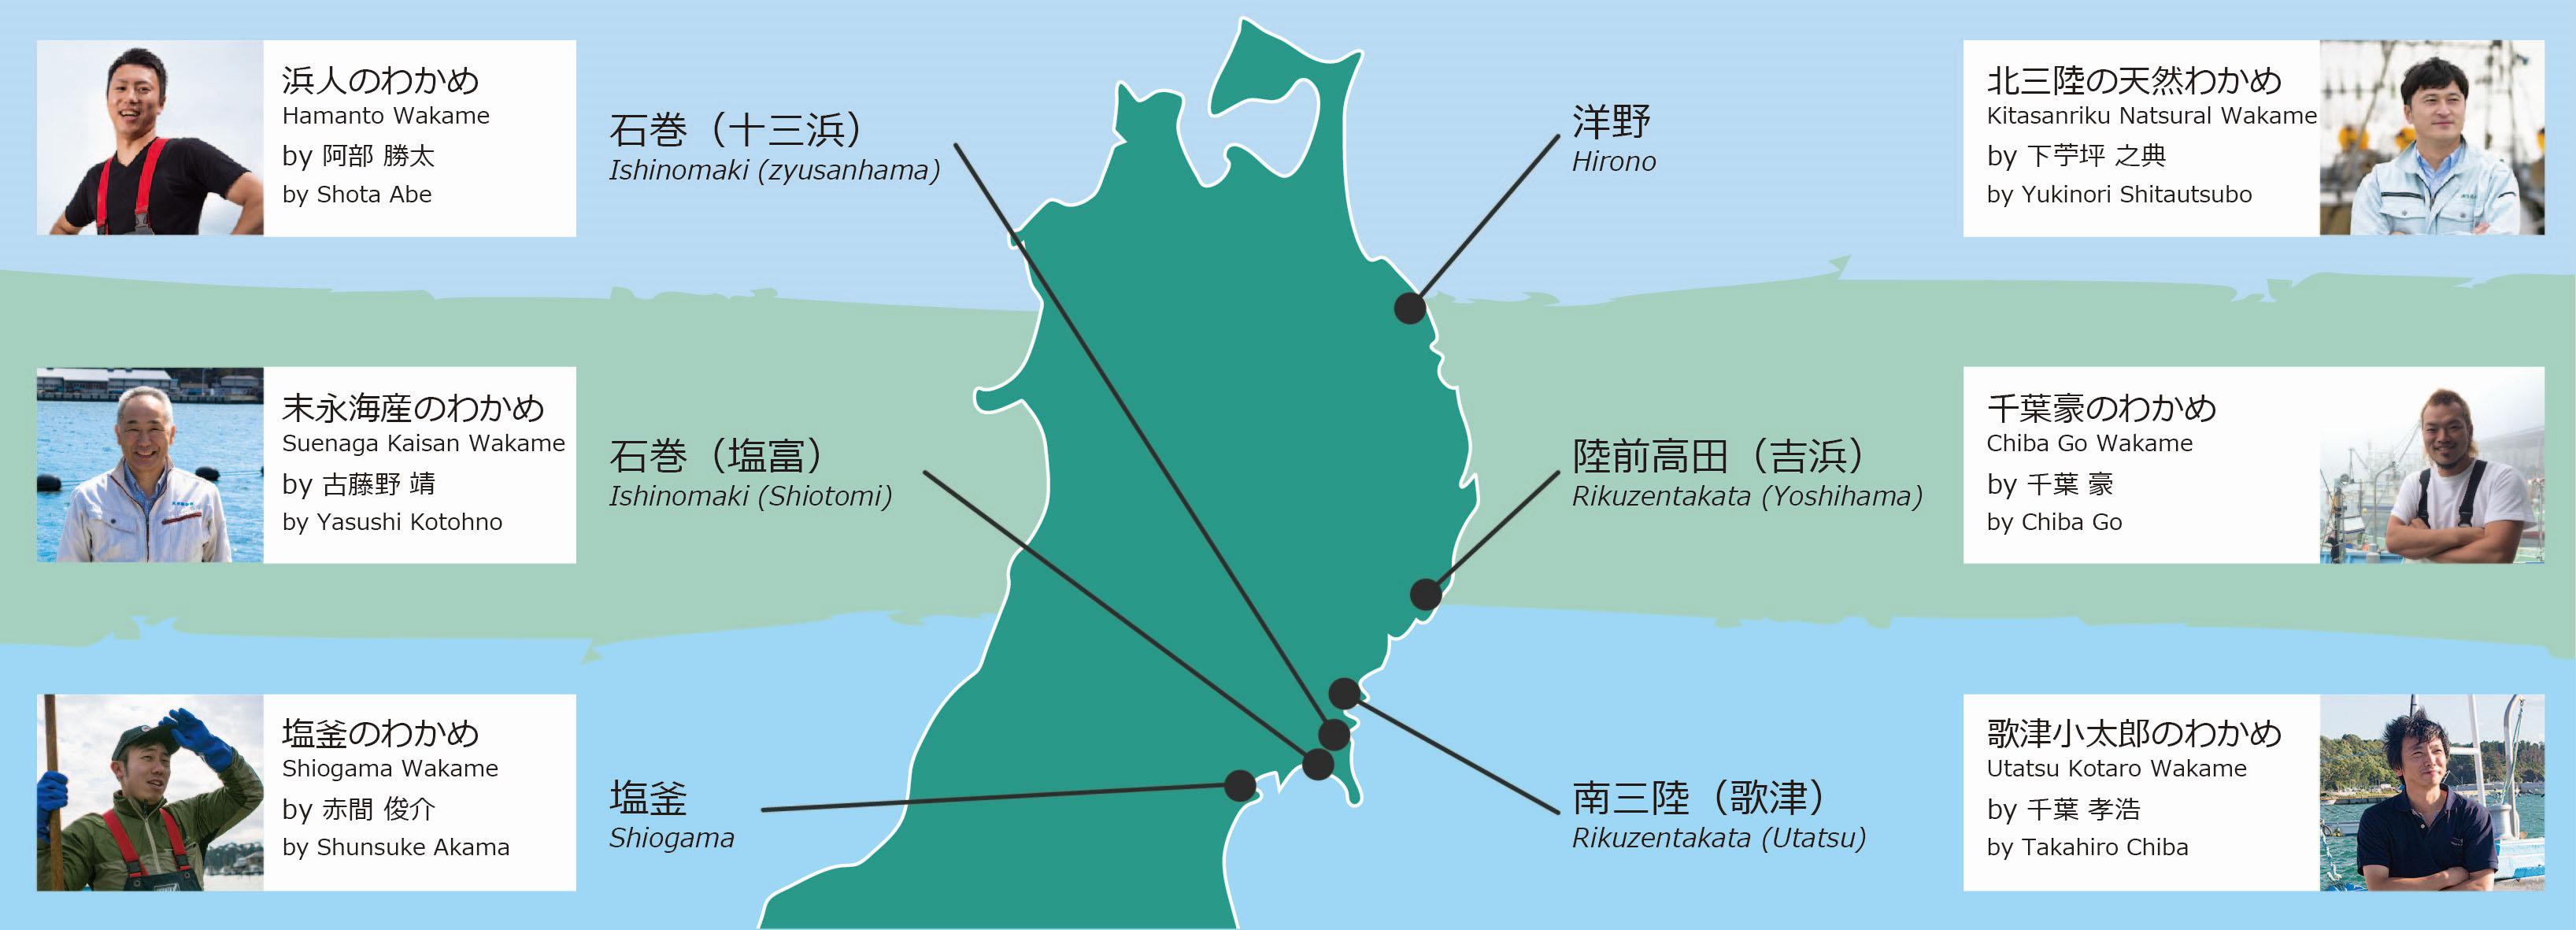 三陸わかめmap